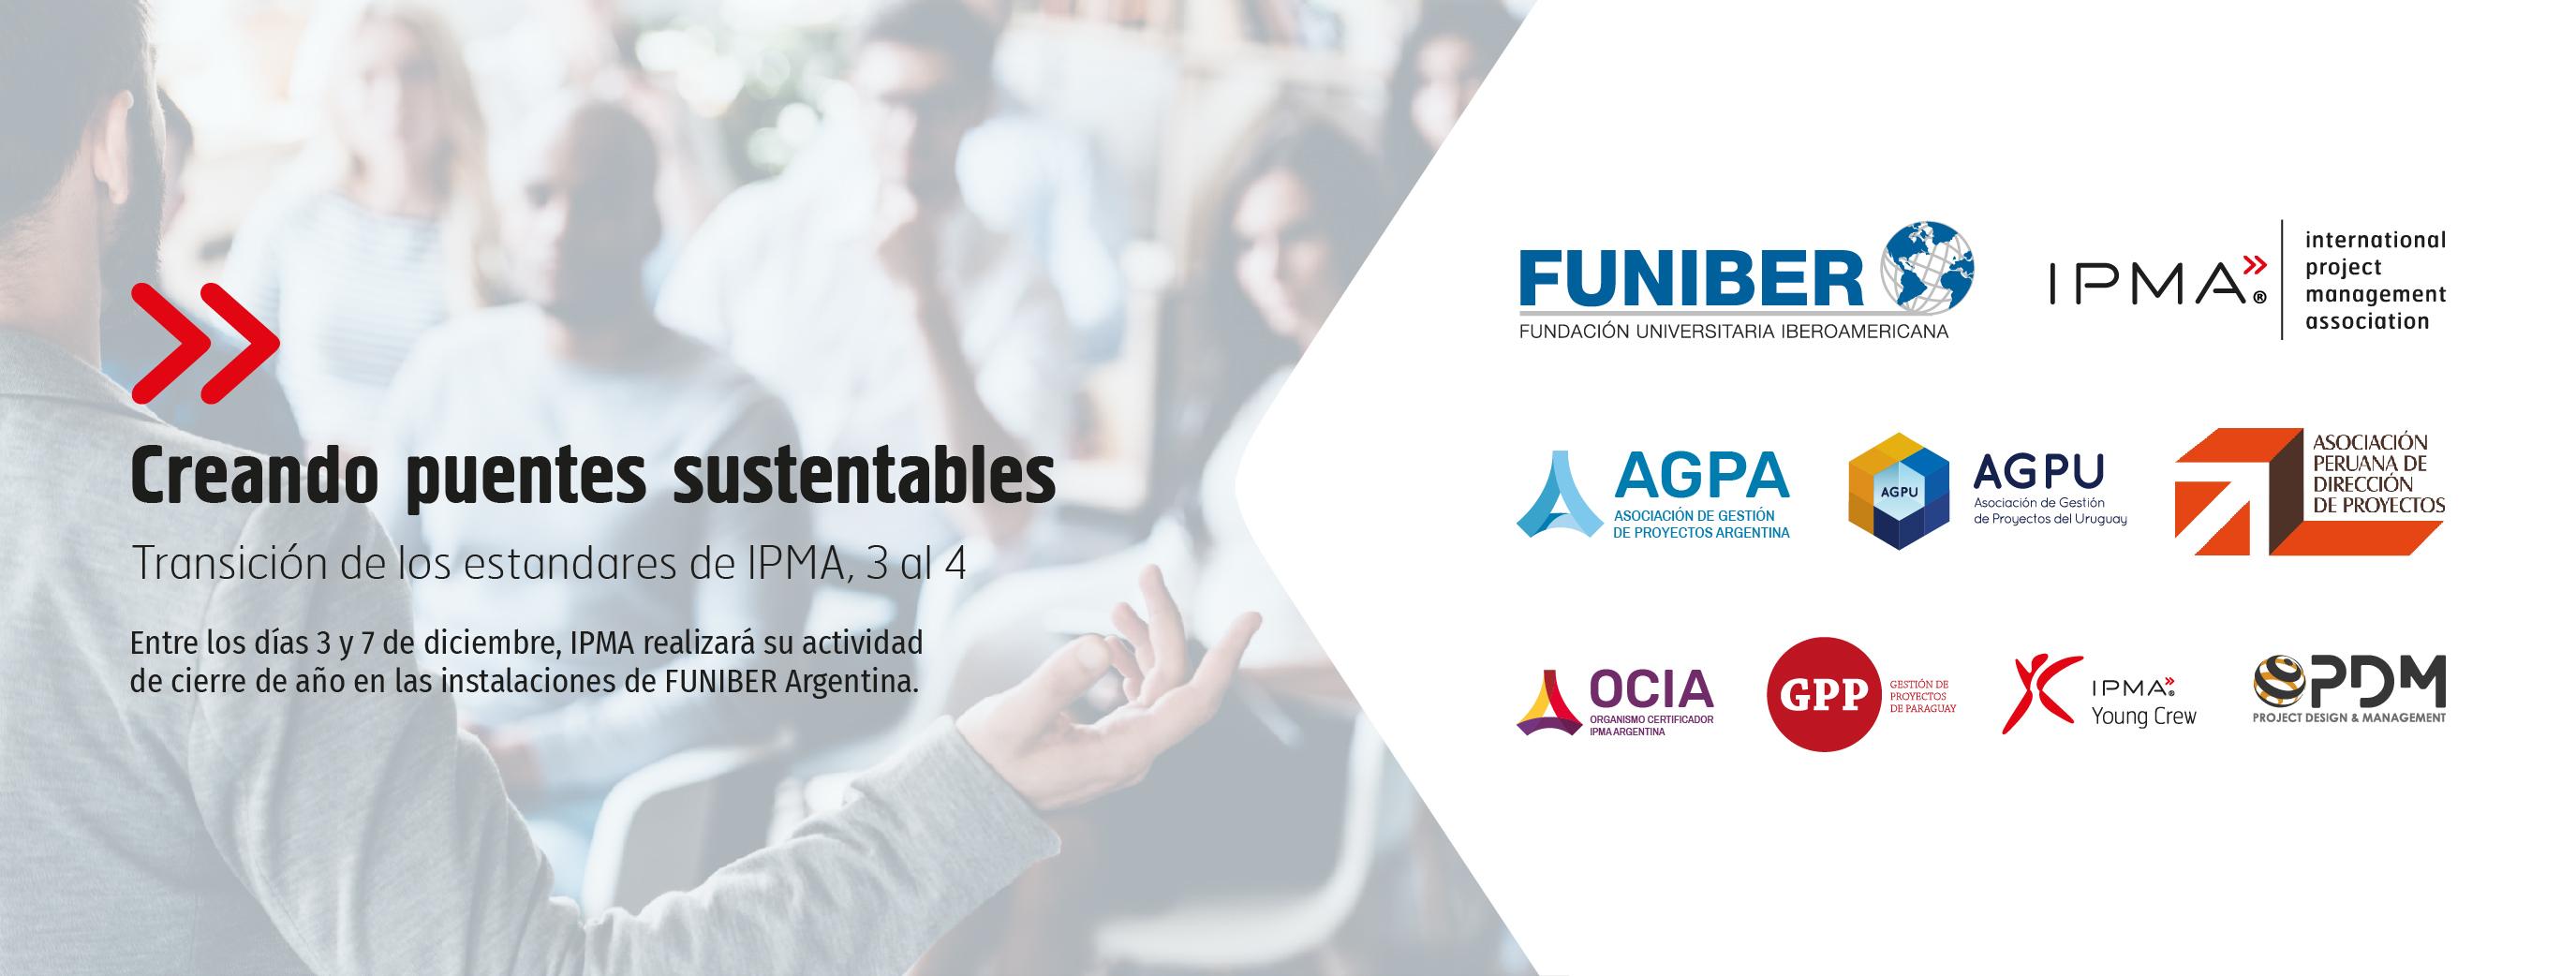 FUNIBER participa en el cierre de año en Latinoamérica de la IPMA